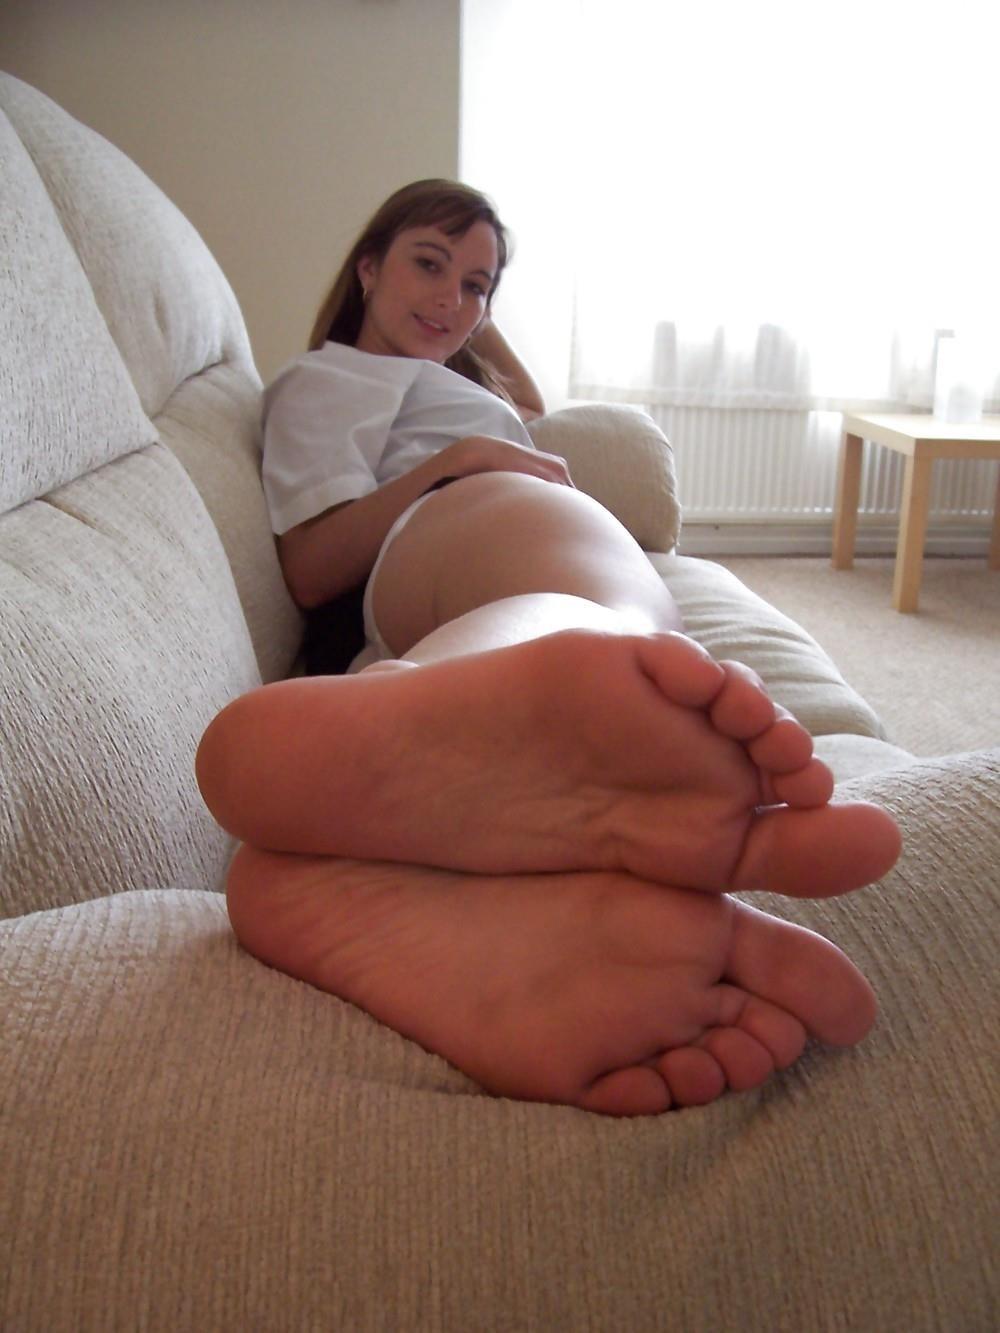 Schoolgirl feet porn-6303